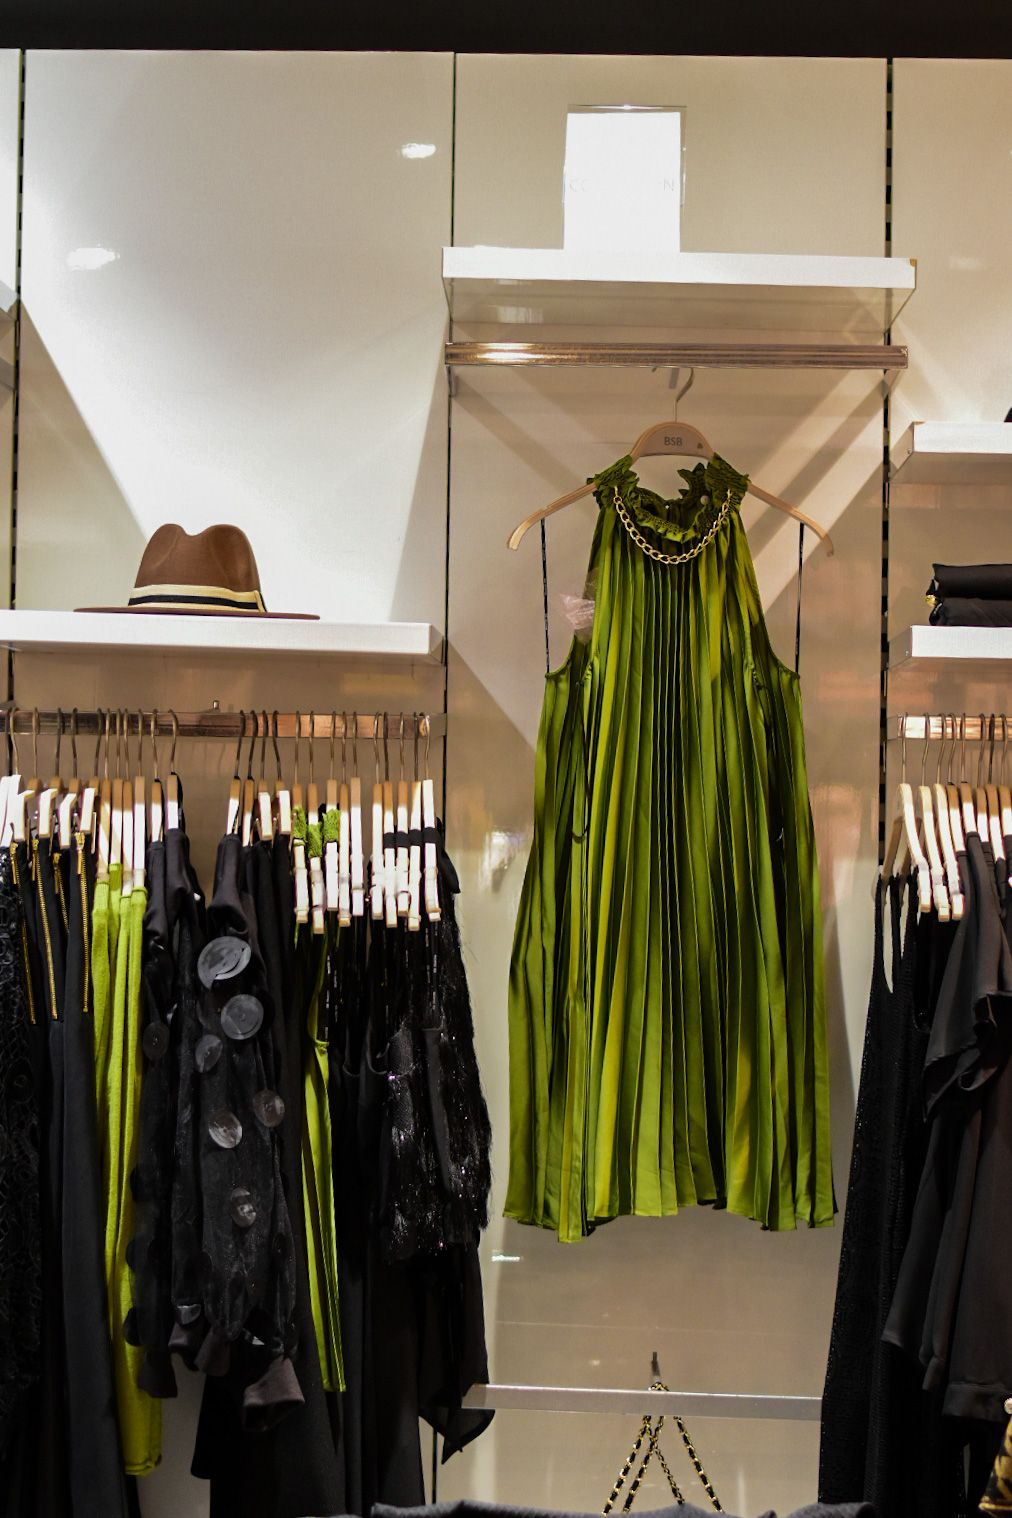 Тази ярка рокля плисе е пододяща за вечерни излизания и може да бъде открита в BSB в Serdika Center